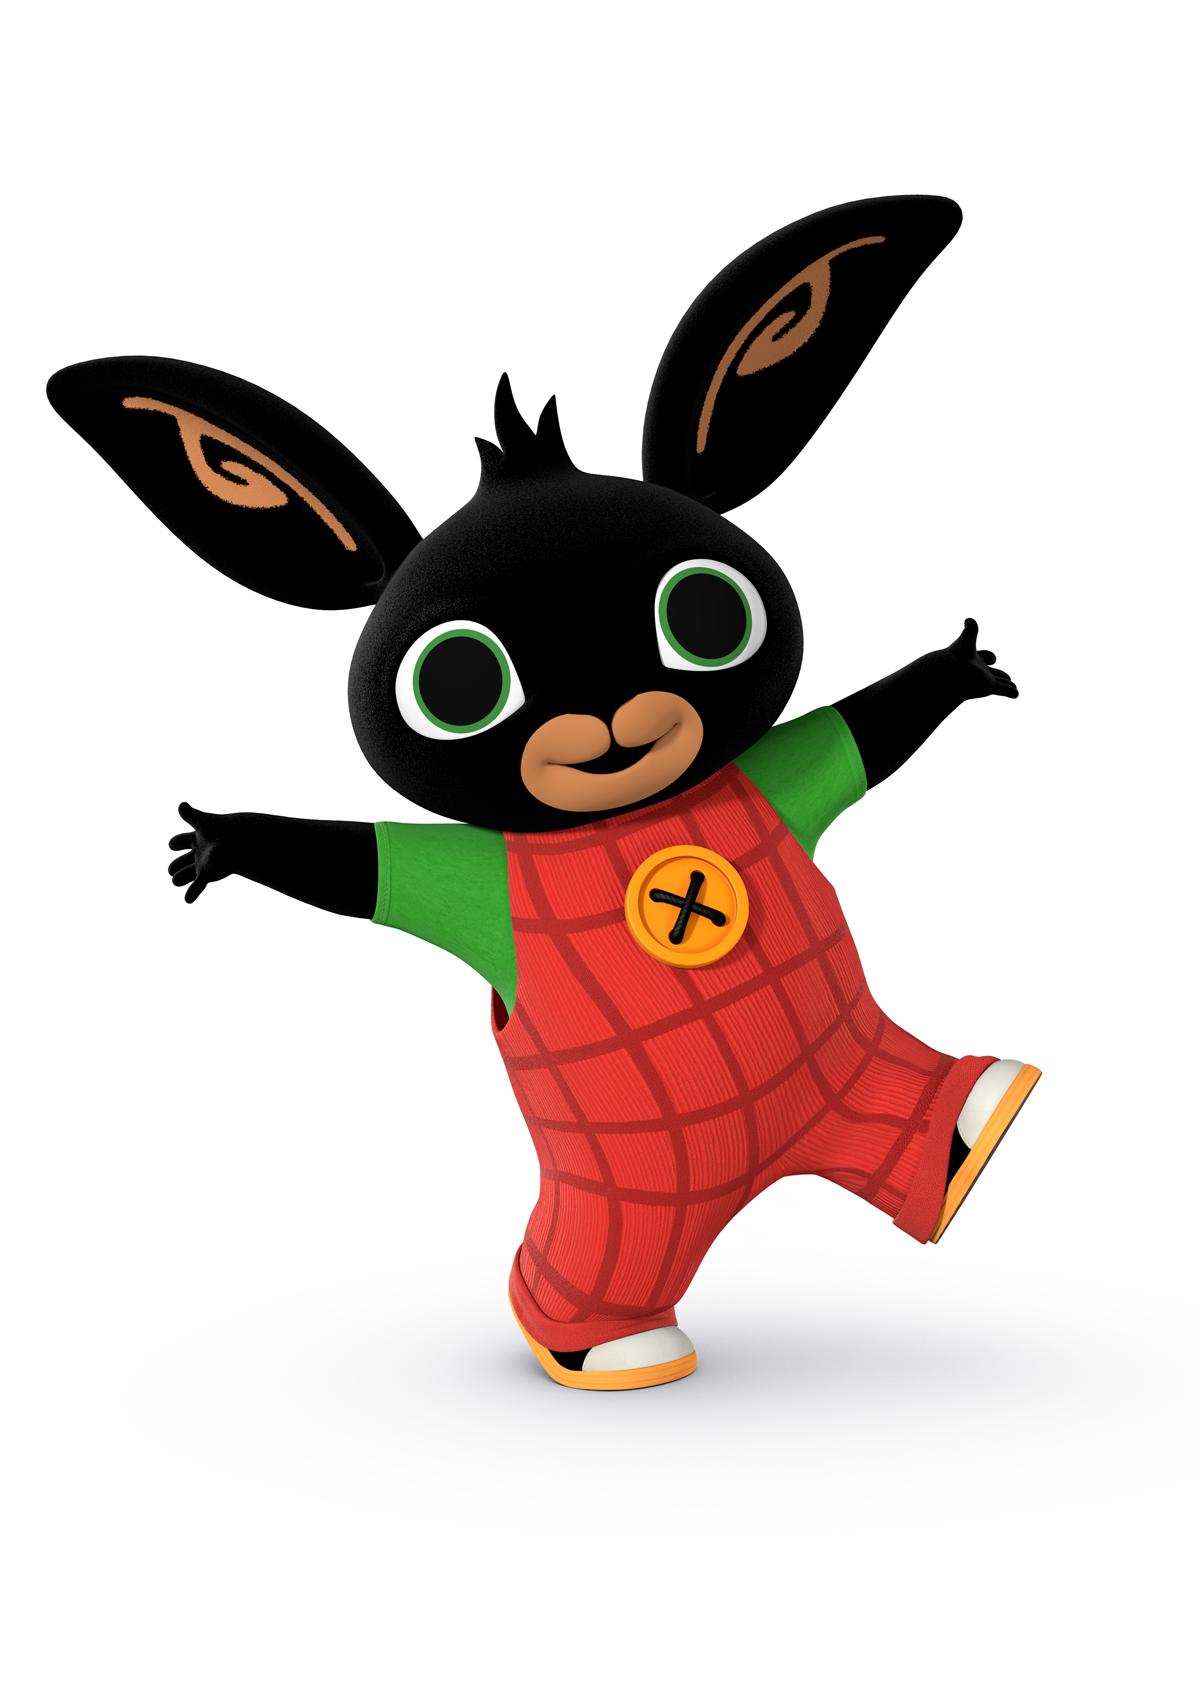 Il coniglietto Bing: perché è tanto amato dai bambini?